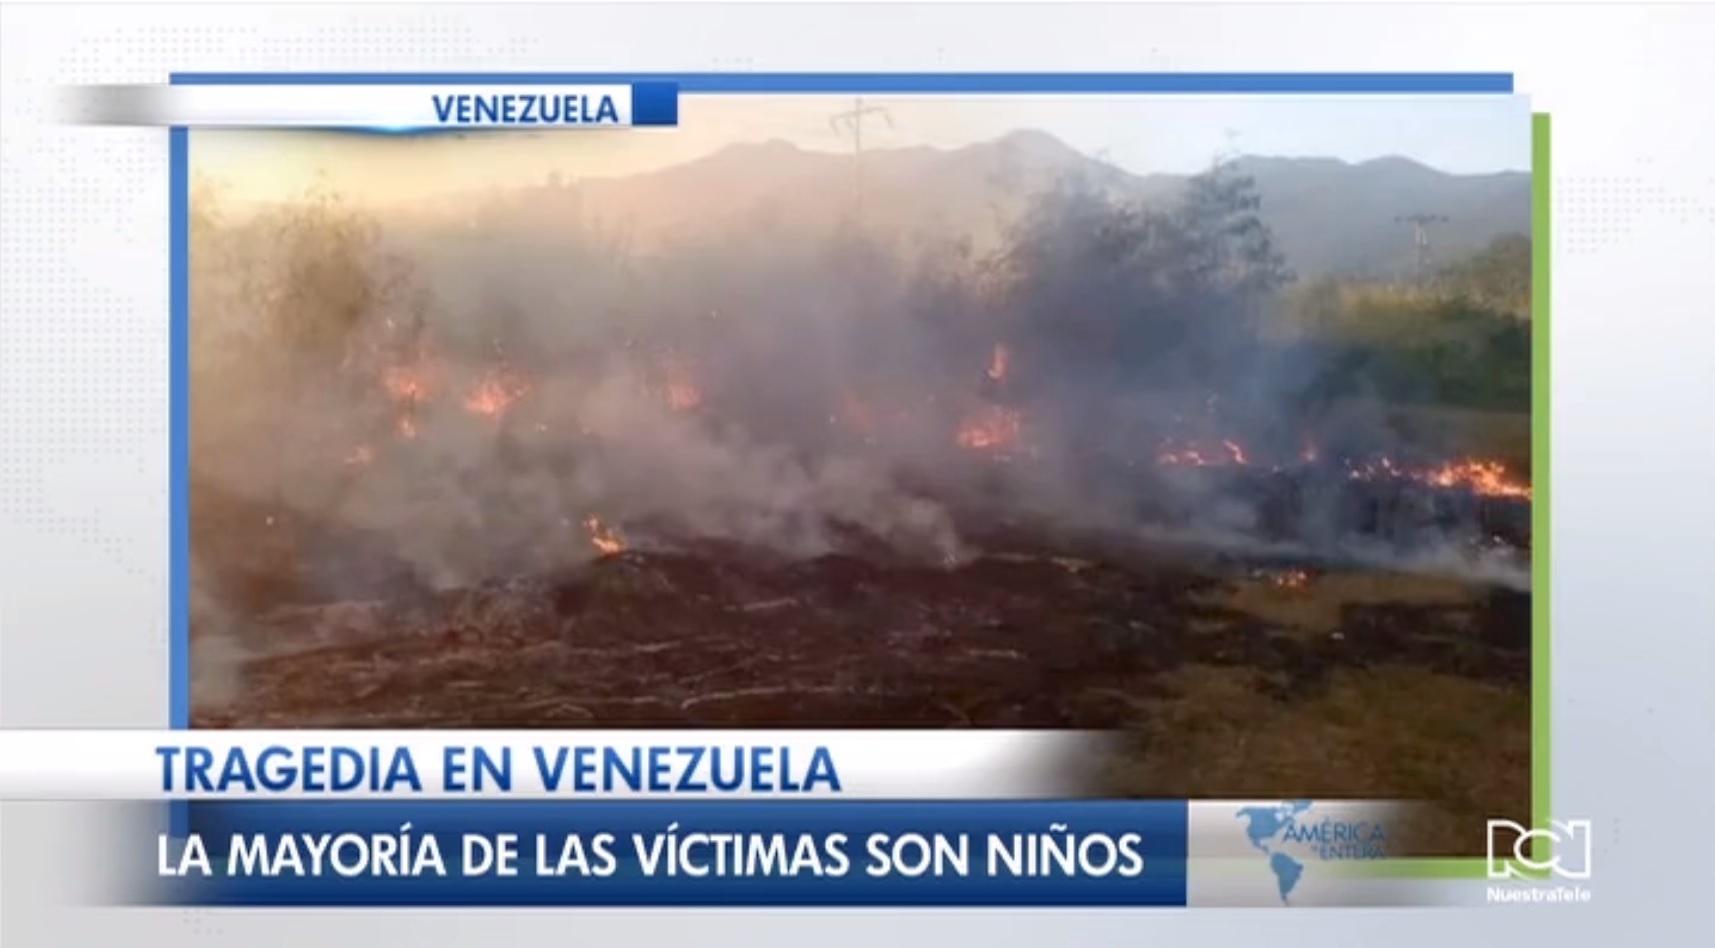 Voraz incendio acaba con la vida de una decena de niños en Venezuela